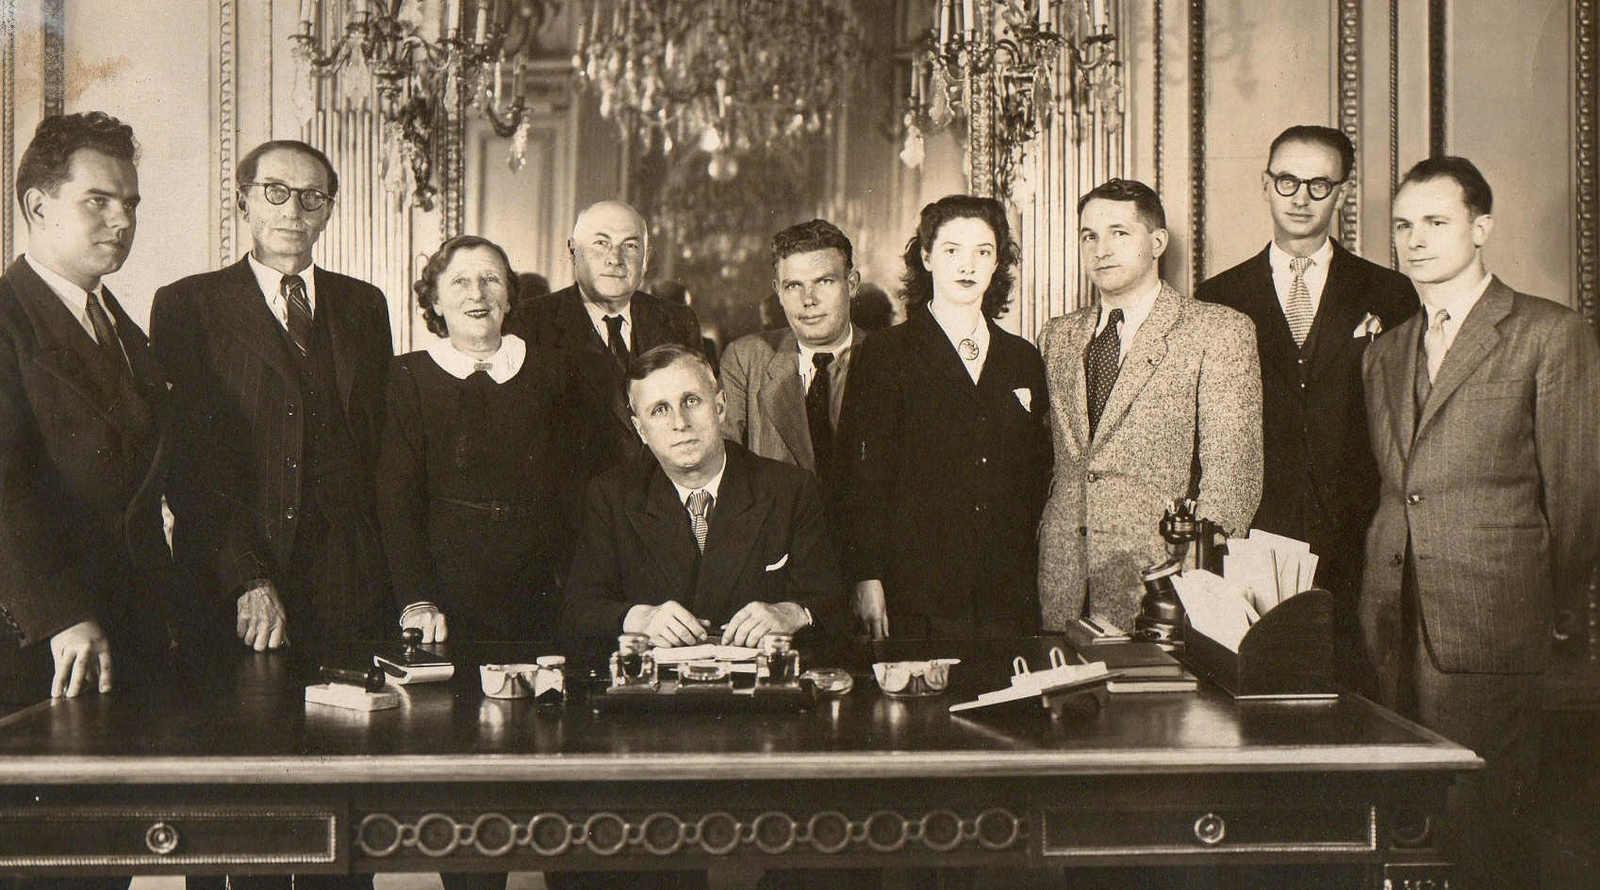 [IMPORTANT et TRÈS ORIGINAL, PASSIONNANT] Bernard Friot: Histoire et enjeu de la sécurité sociale et des cotisations